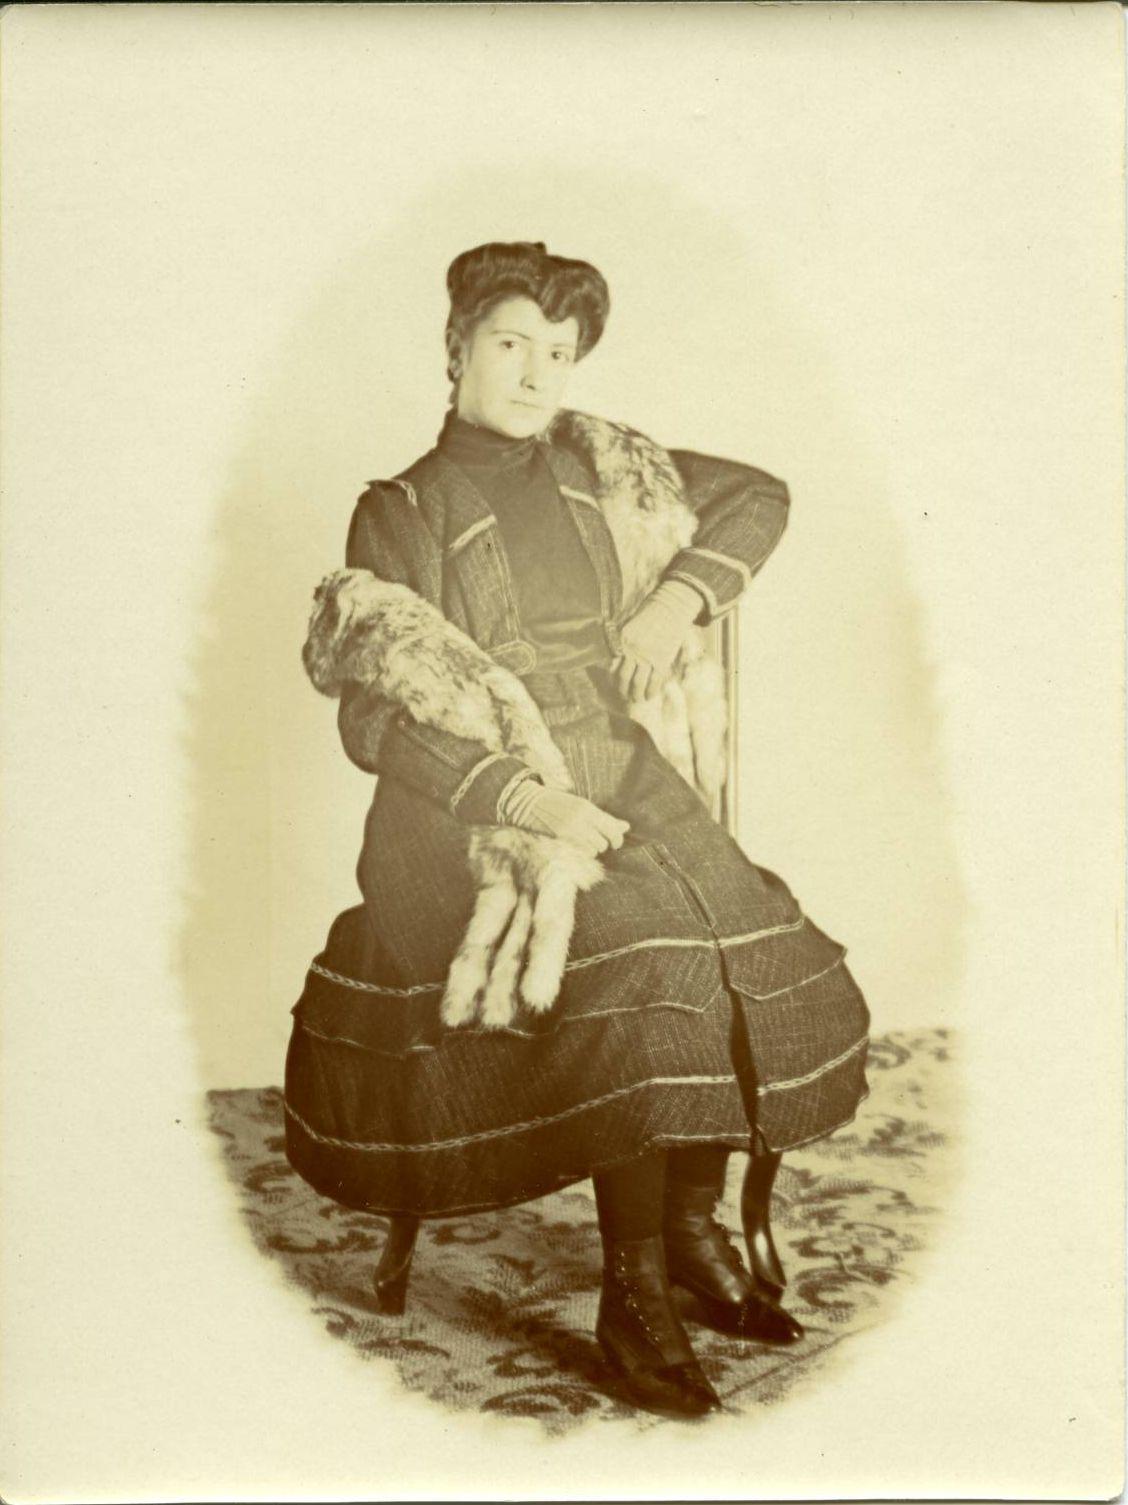 zp.-Emilia, sobrina del pintor en el domicilio familiar 1913